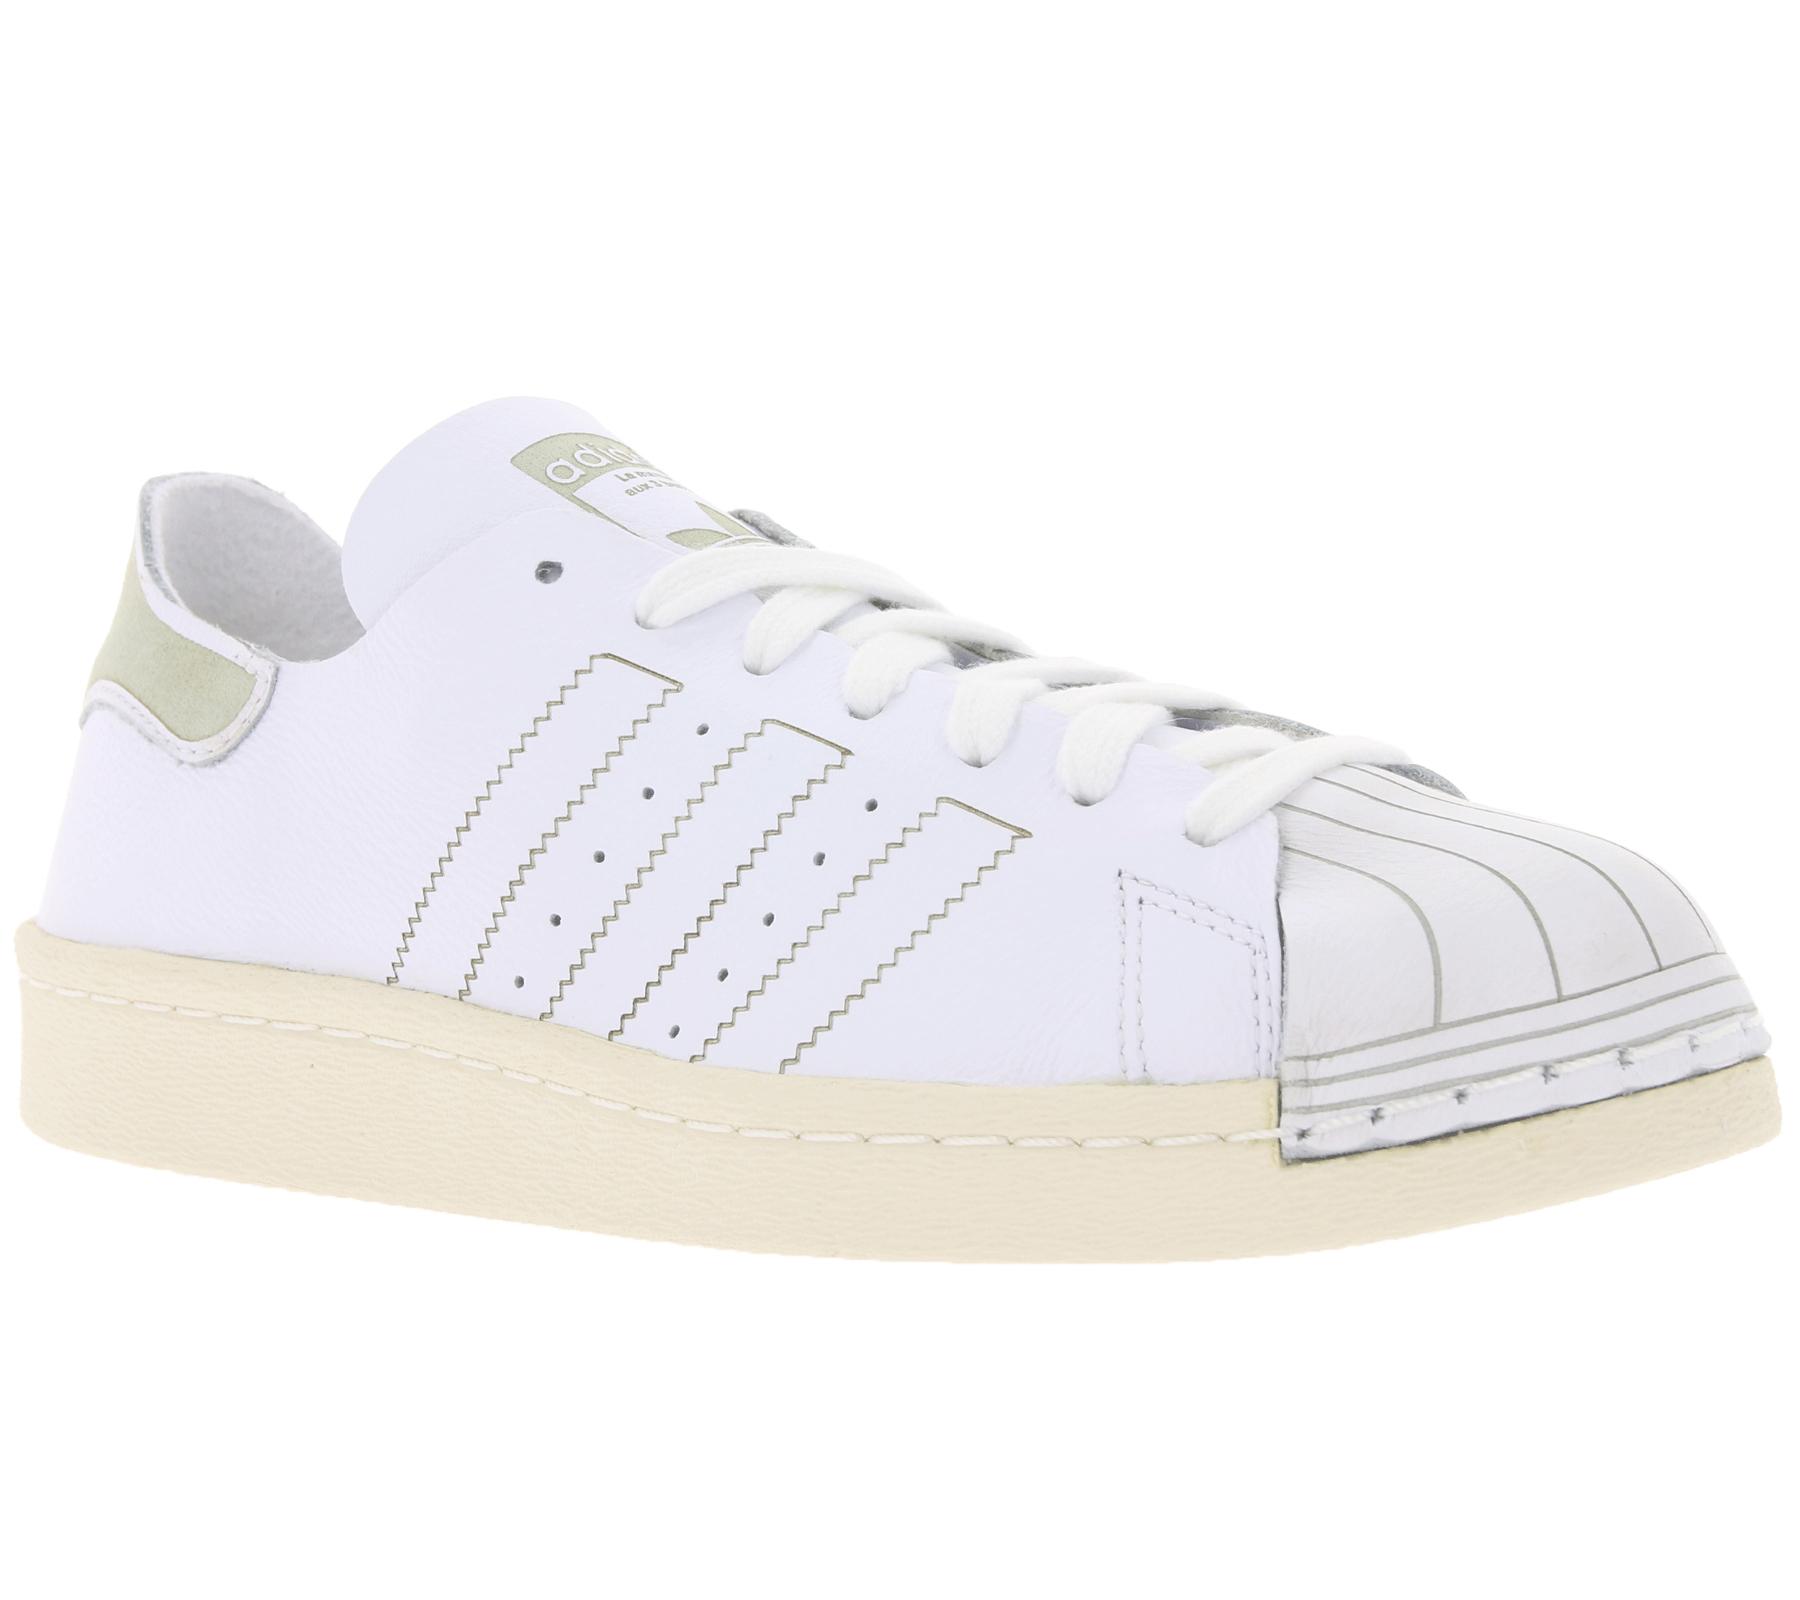 5a813ef4639f6d adidas Originals Damen-Sneaker Superstar 80s Decon coole Turnschuhe Weiß